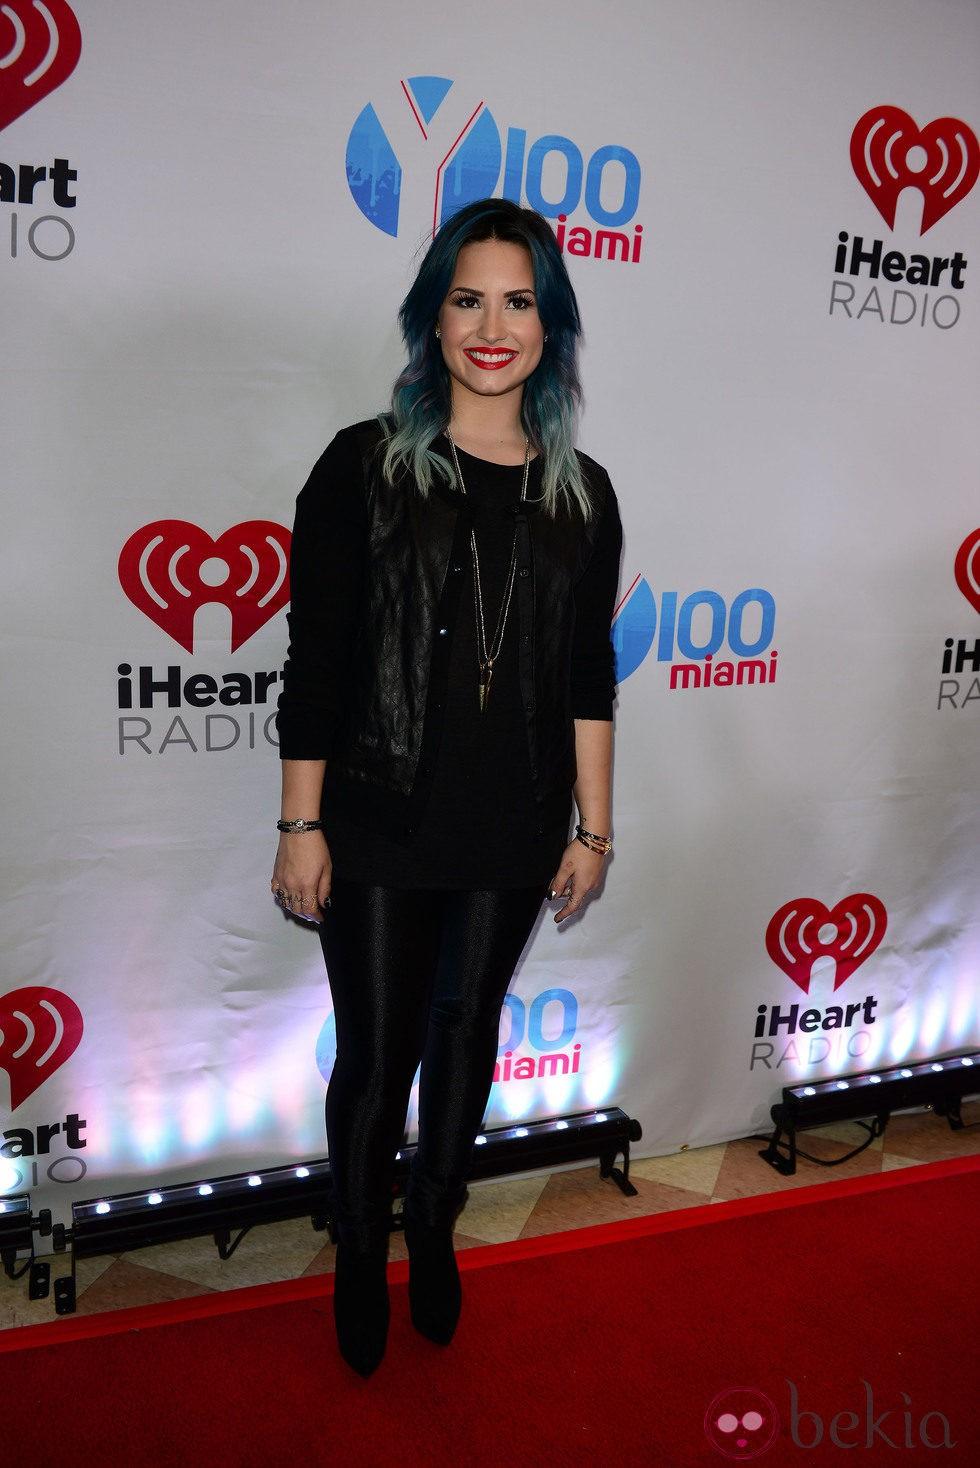 Demi Lovato en el Jingle Ball 2013 en Florida